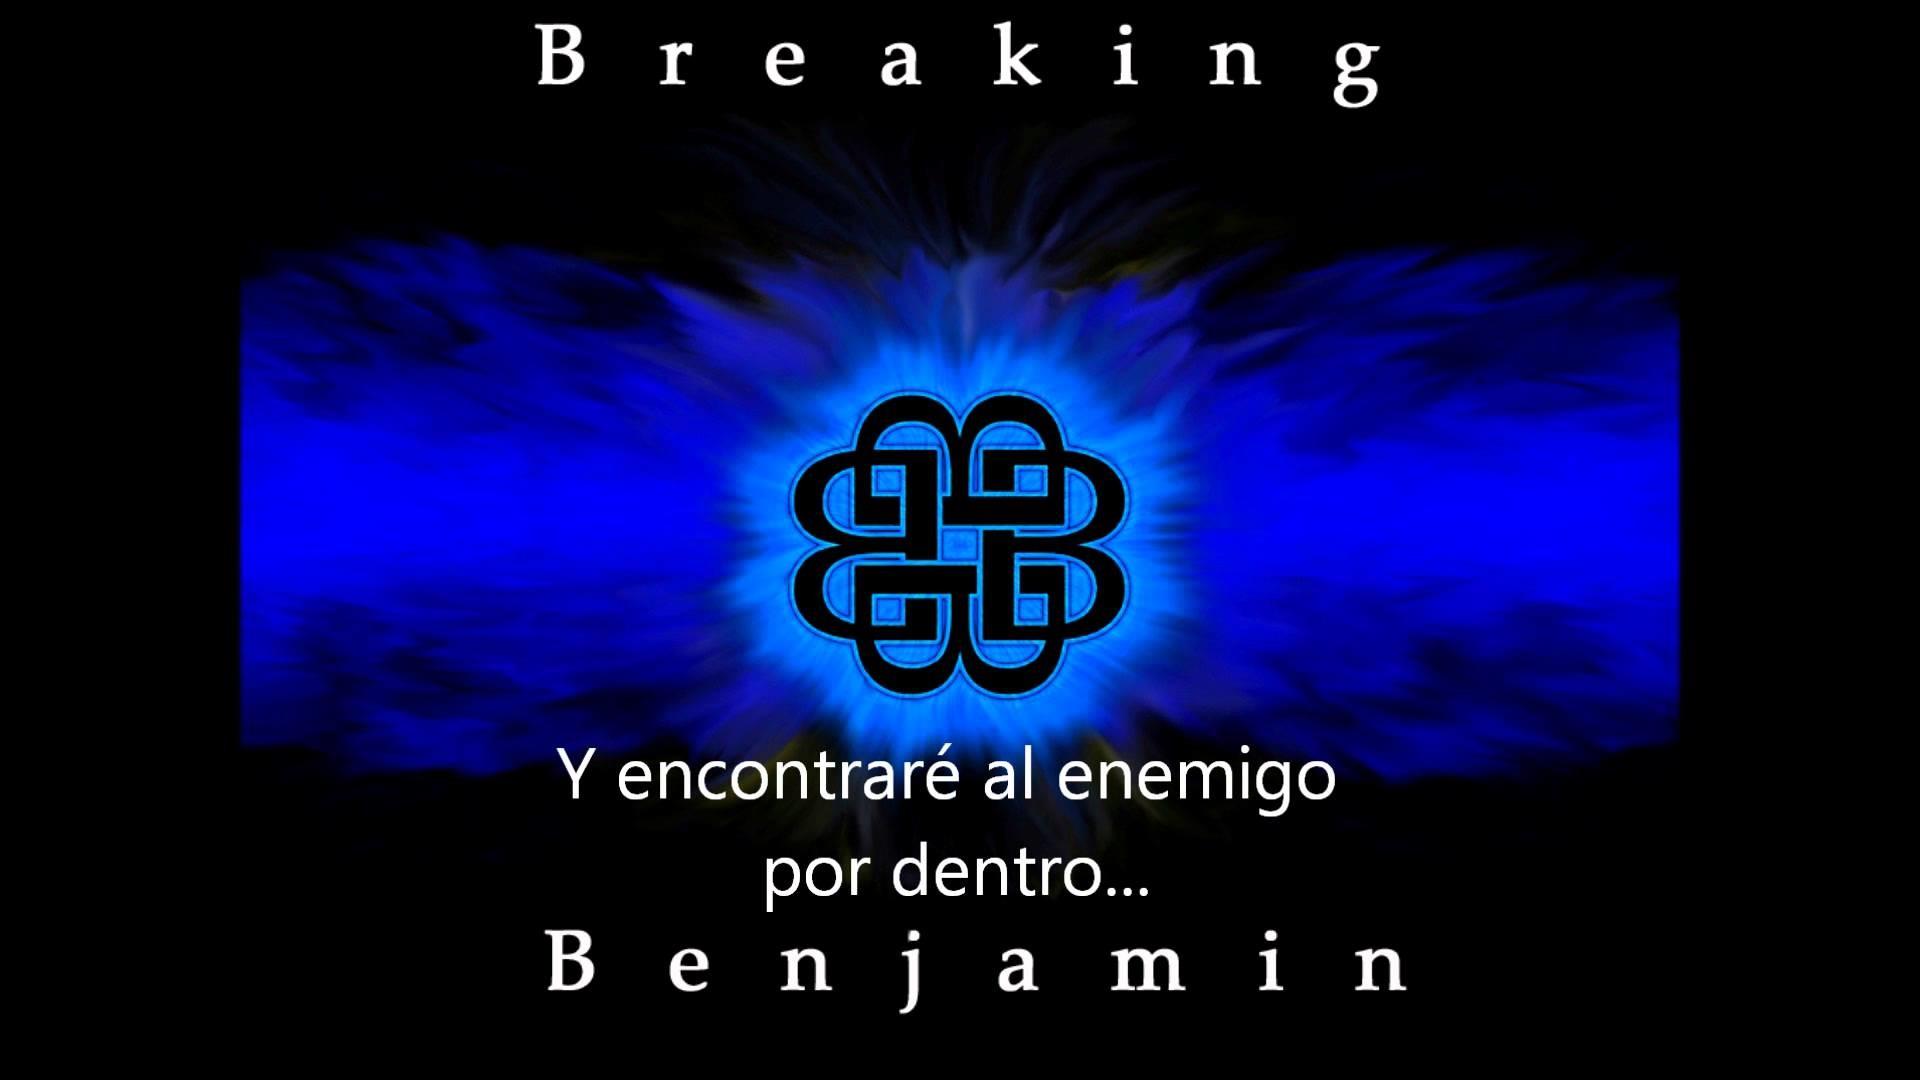 breaking benjamin wallpaper 73 pictures